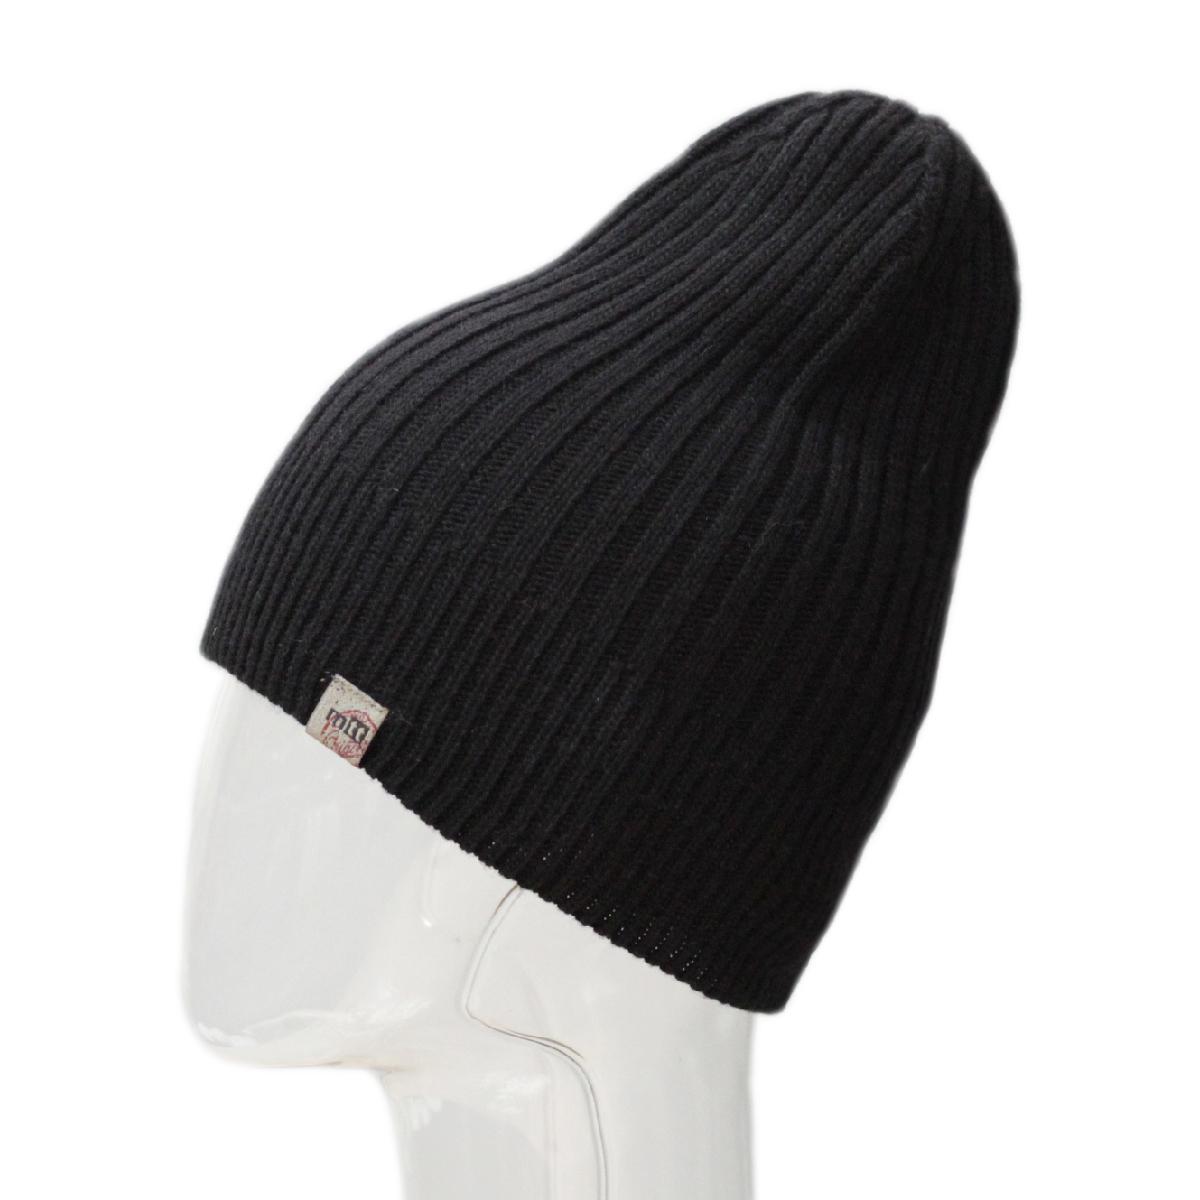 Шапка мужская Marhatter, цвет: черный. MMH8089. Размер 57/59MMH8089Замечательная шапка от Marhatter выполнена из теплого комфортного материала. Идеальный вариант на каждый день.